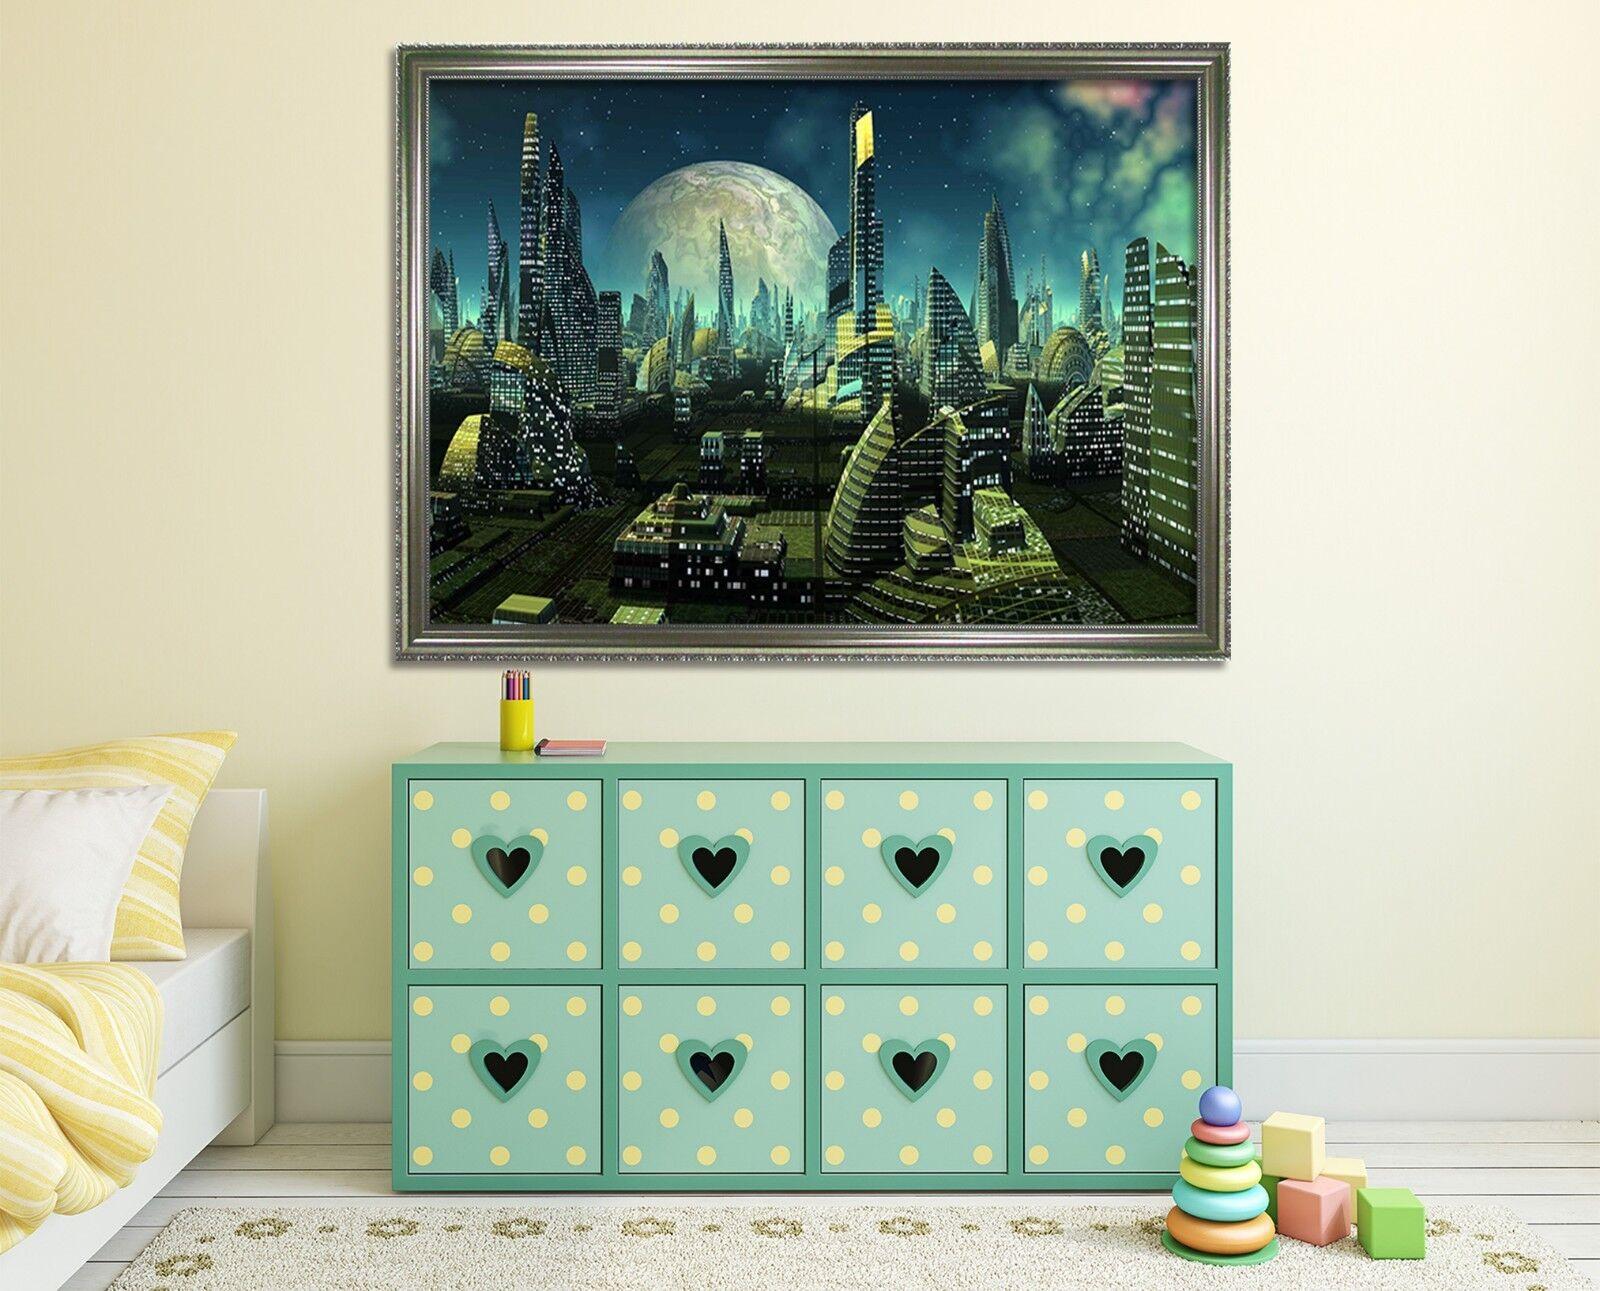 3D High Tech Moon 46 Framed Poster Home Decor Print Painting Art AJ WALLPAPER